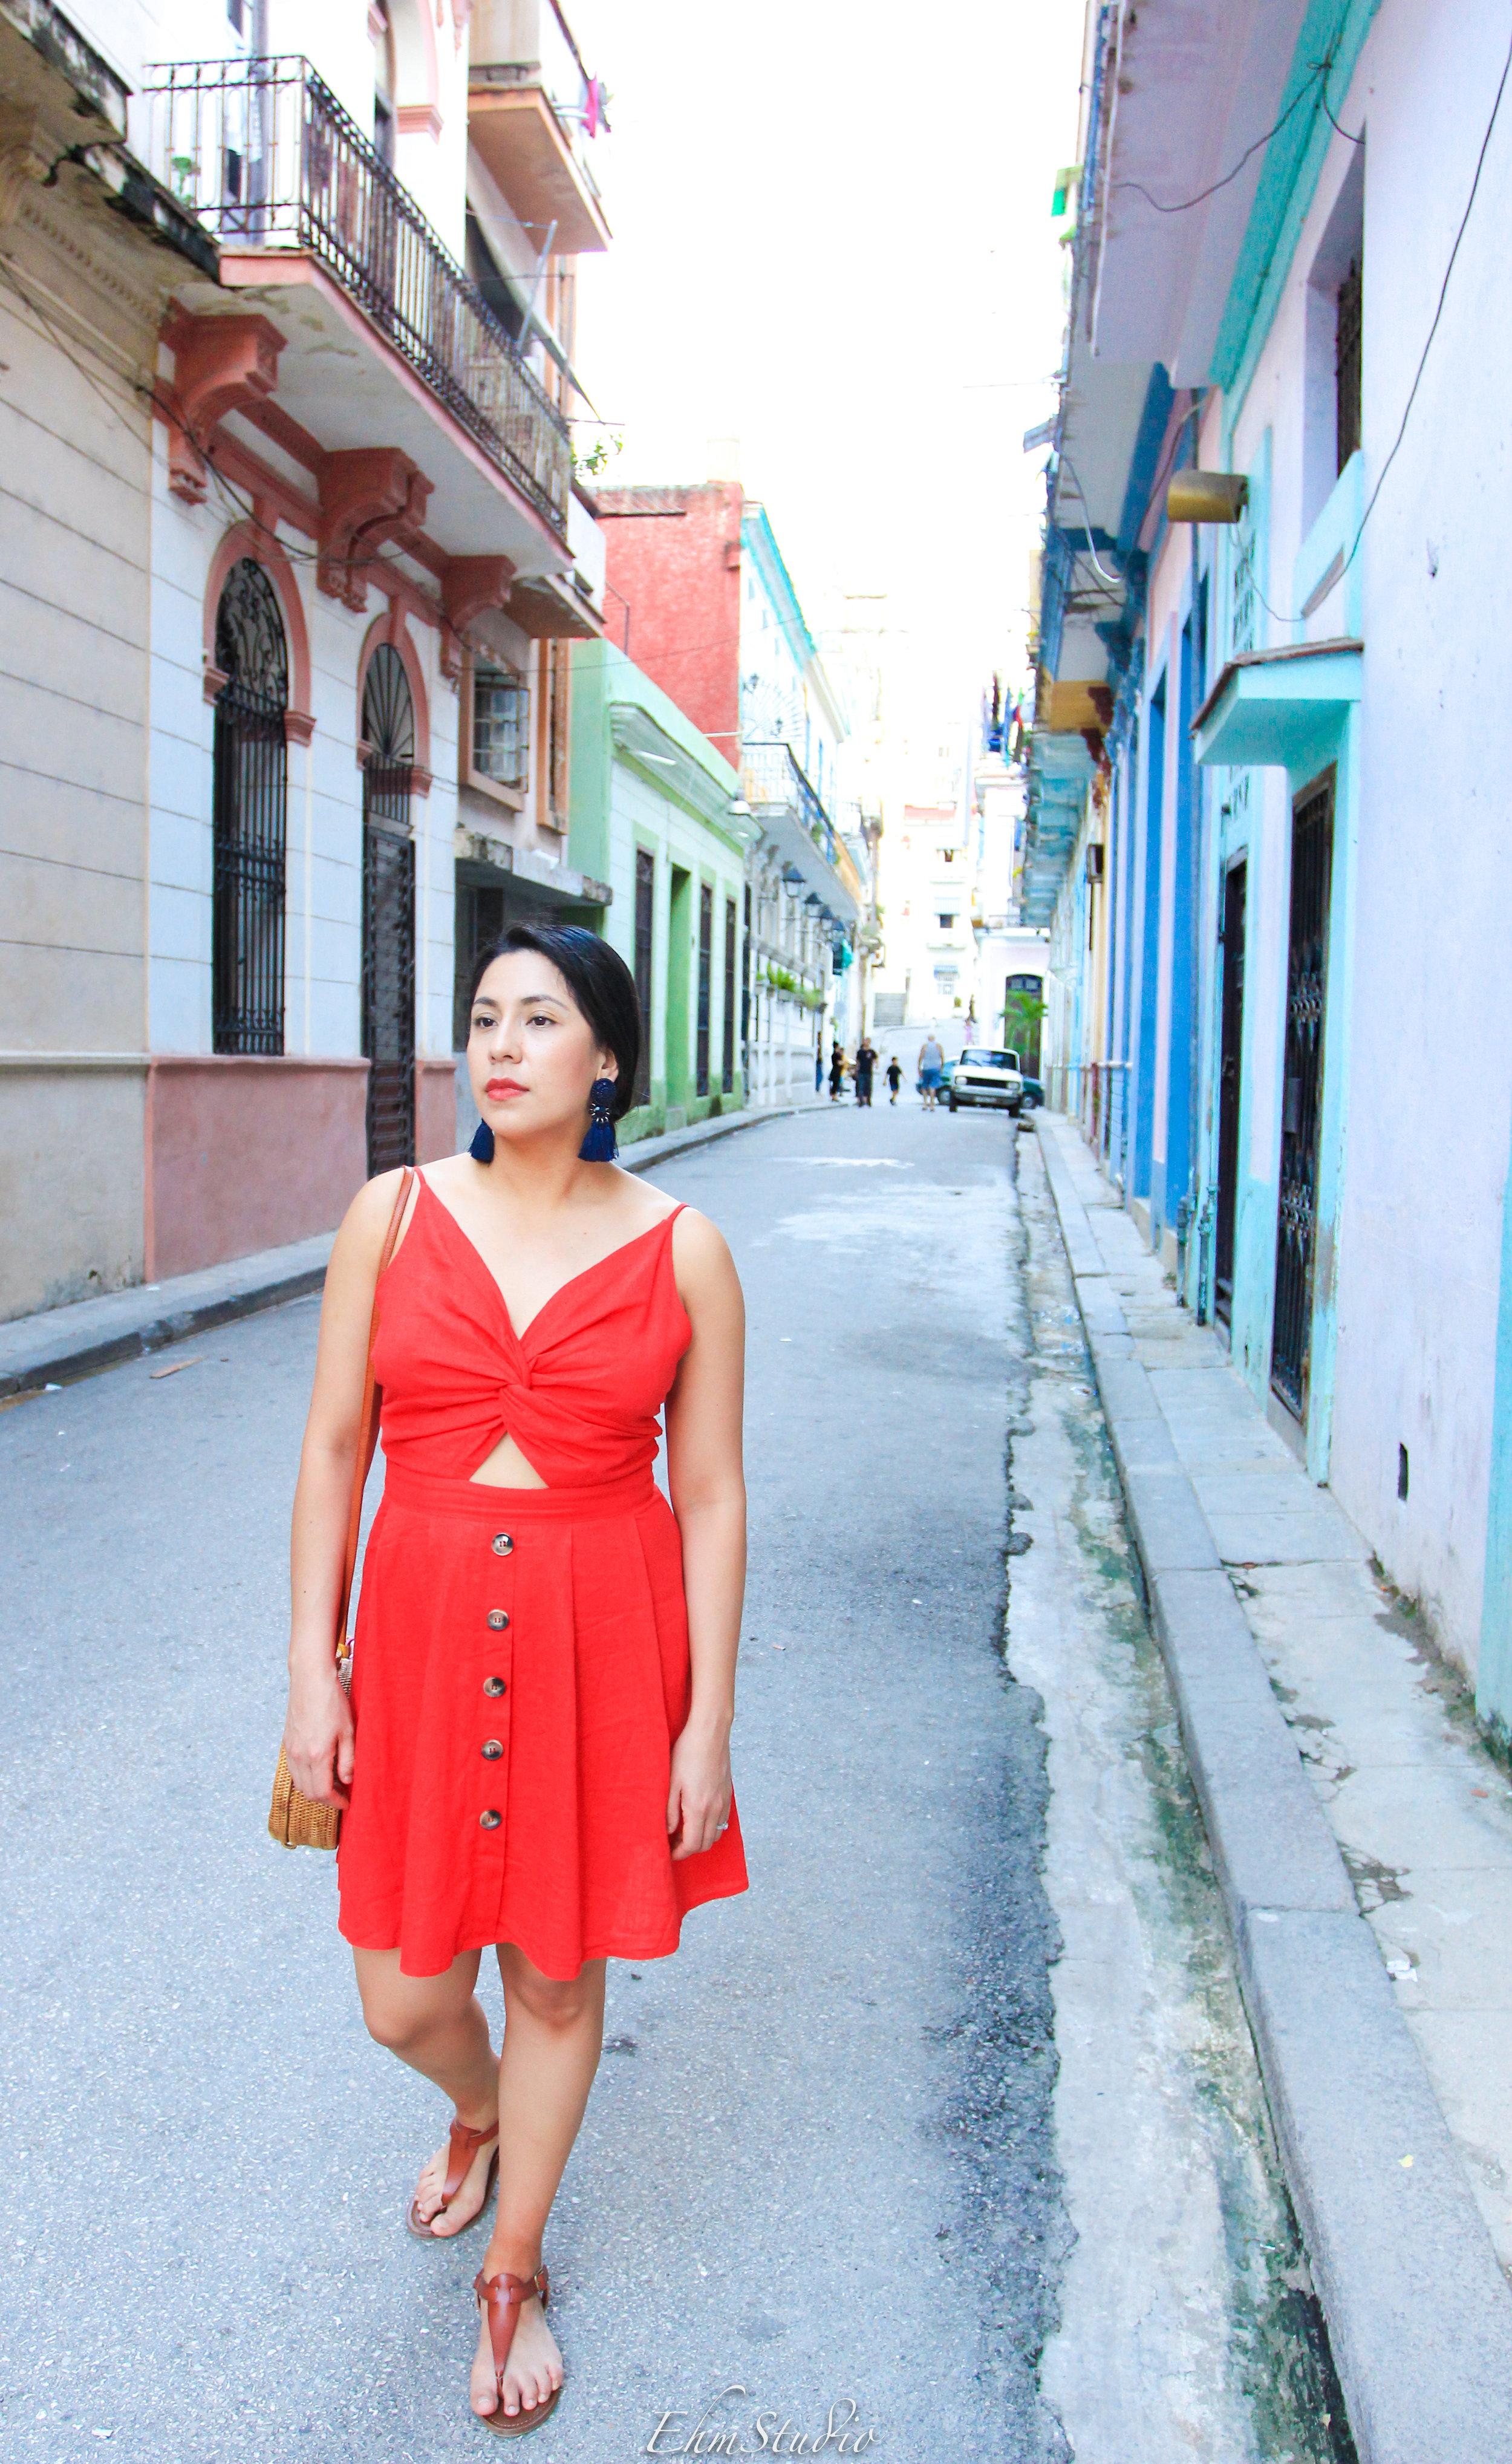 Cuba2018Edits-13.jpg